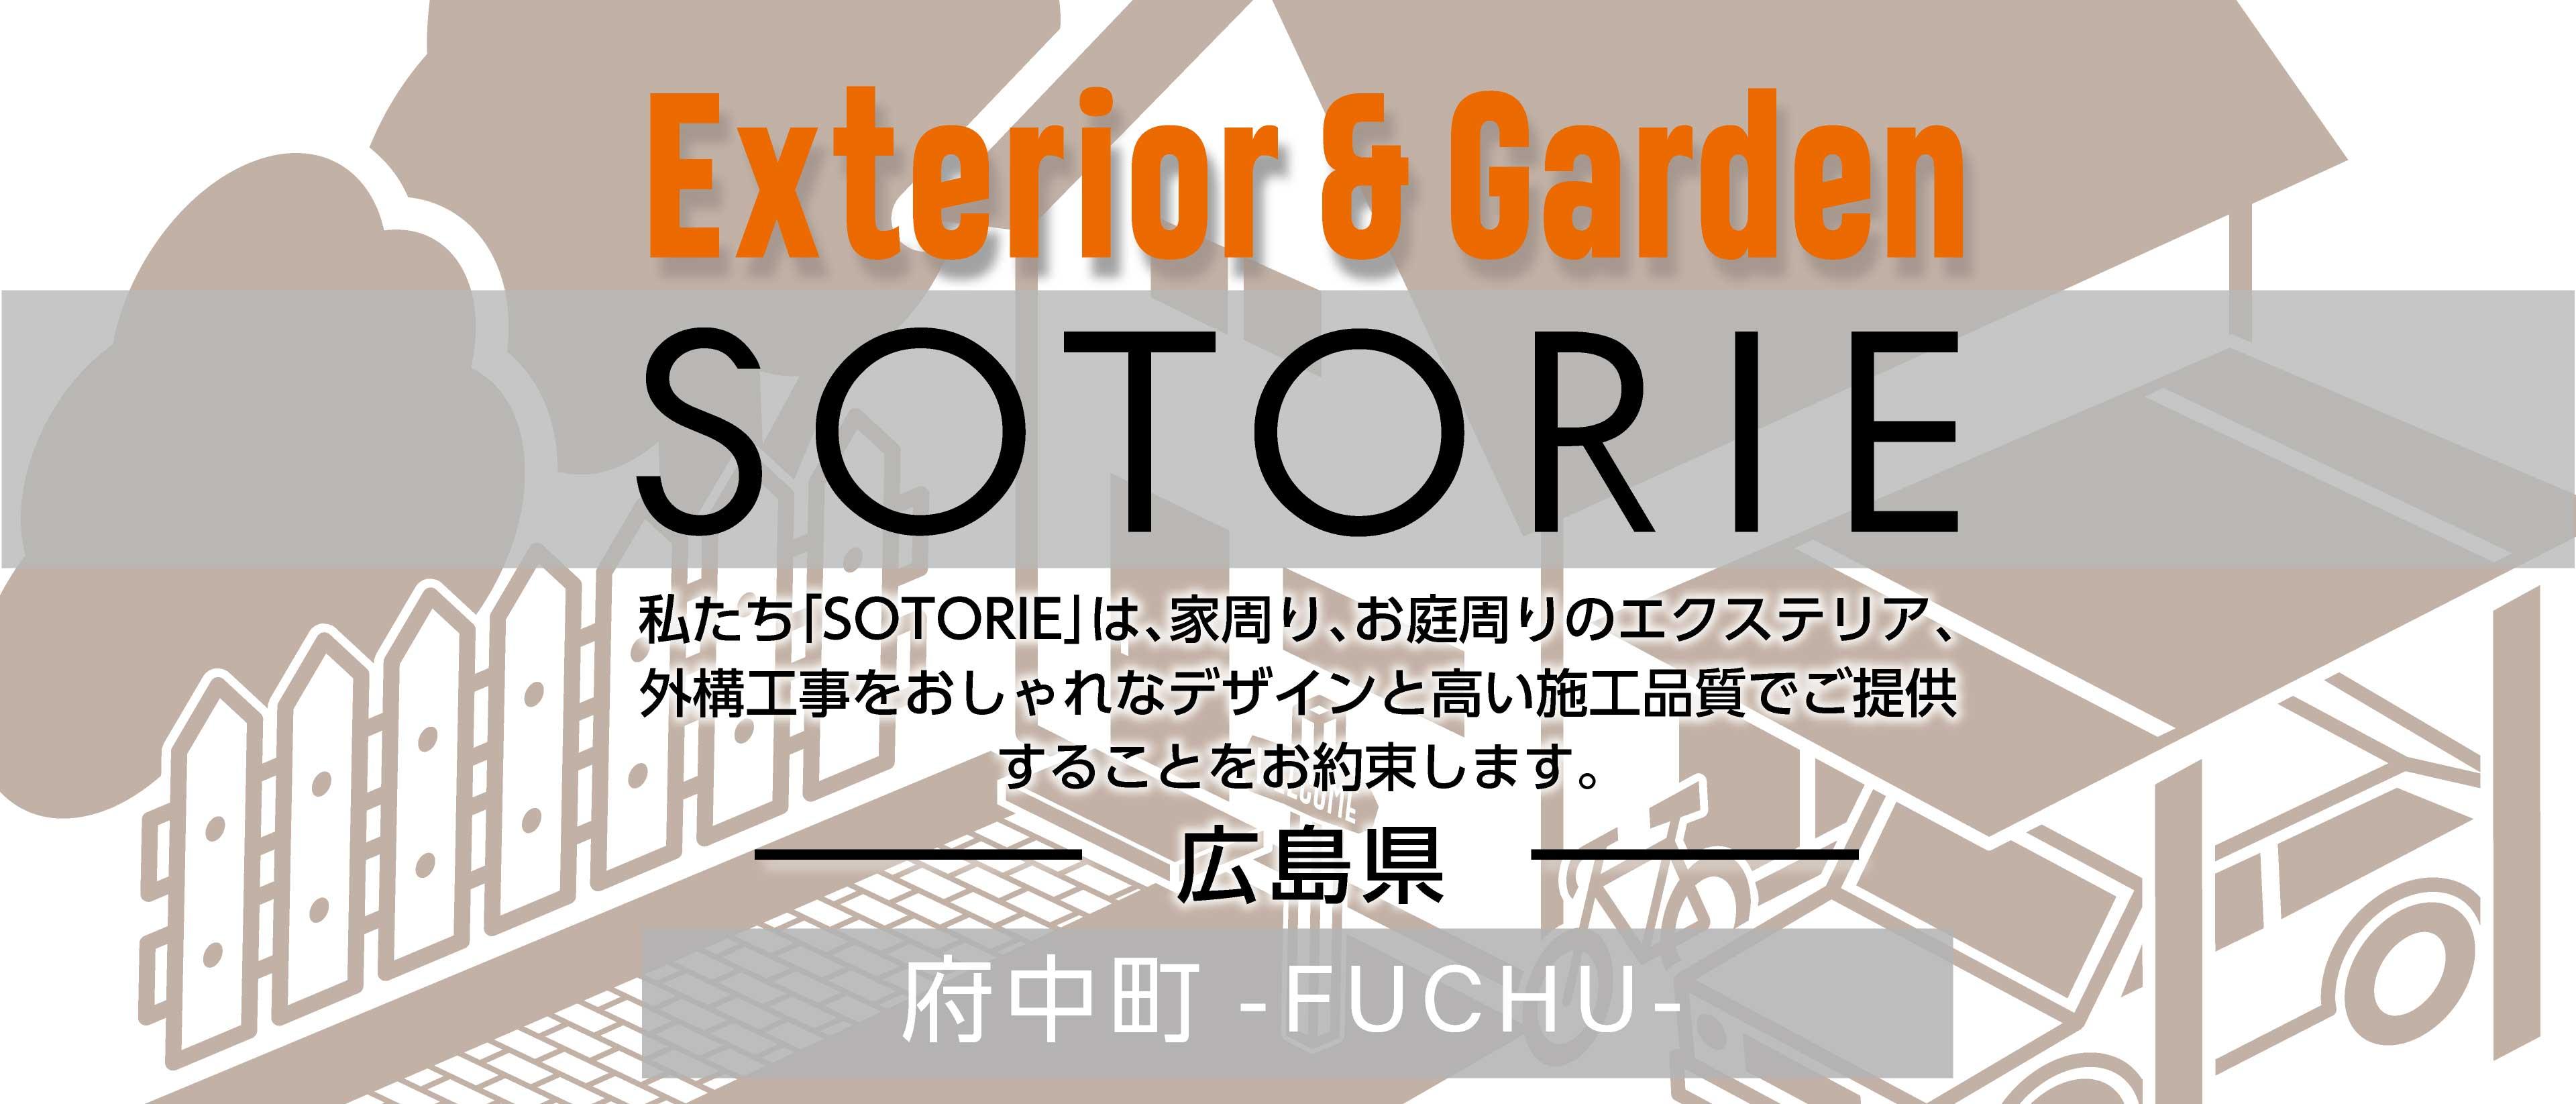 ソトリエ府中町では、家周りと庭周りの外構、エクステリア工事をおしゃれなデザインと高い施工品質でご提供することをお約束します。